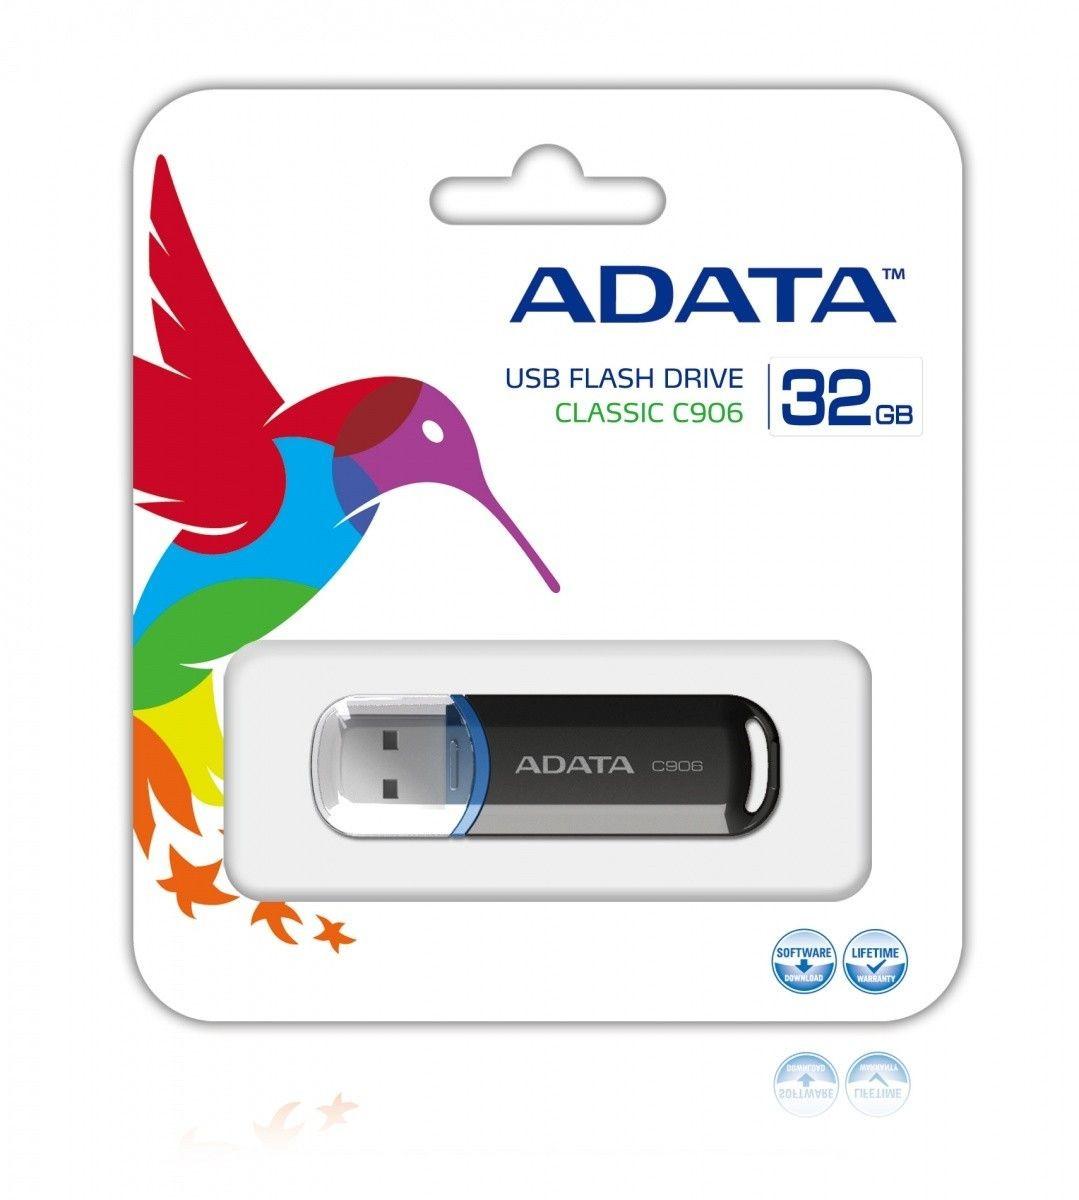 A-Data Adata pamięć USB C906 32GB USB 2.0 ( Czarny )